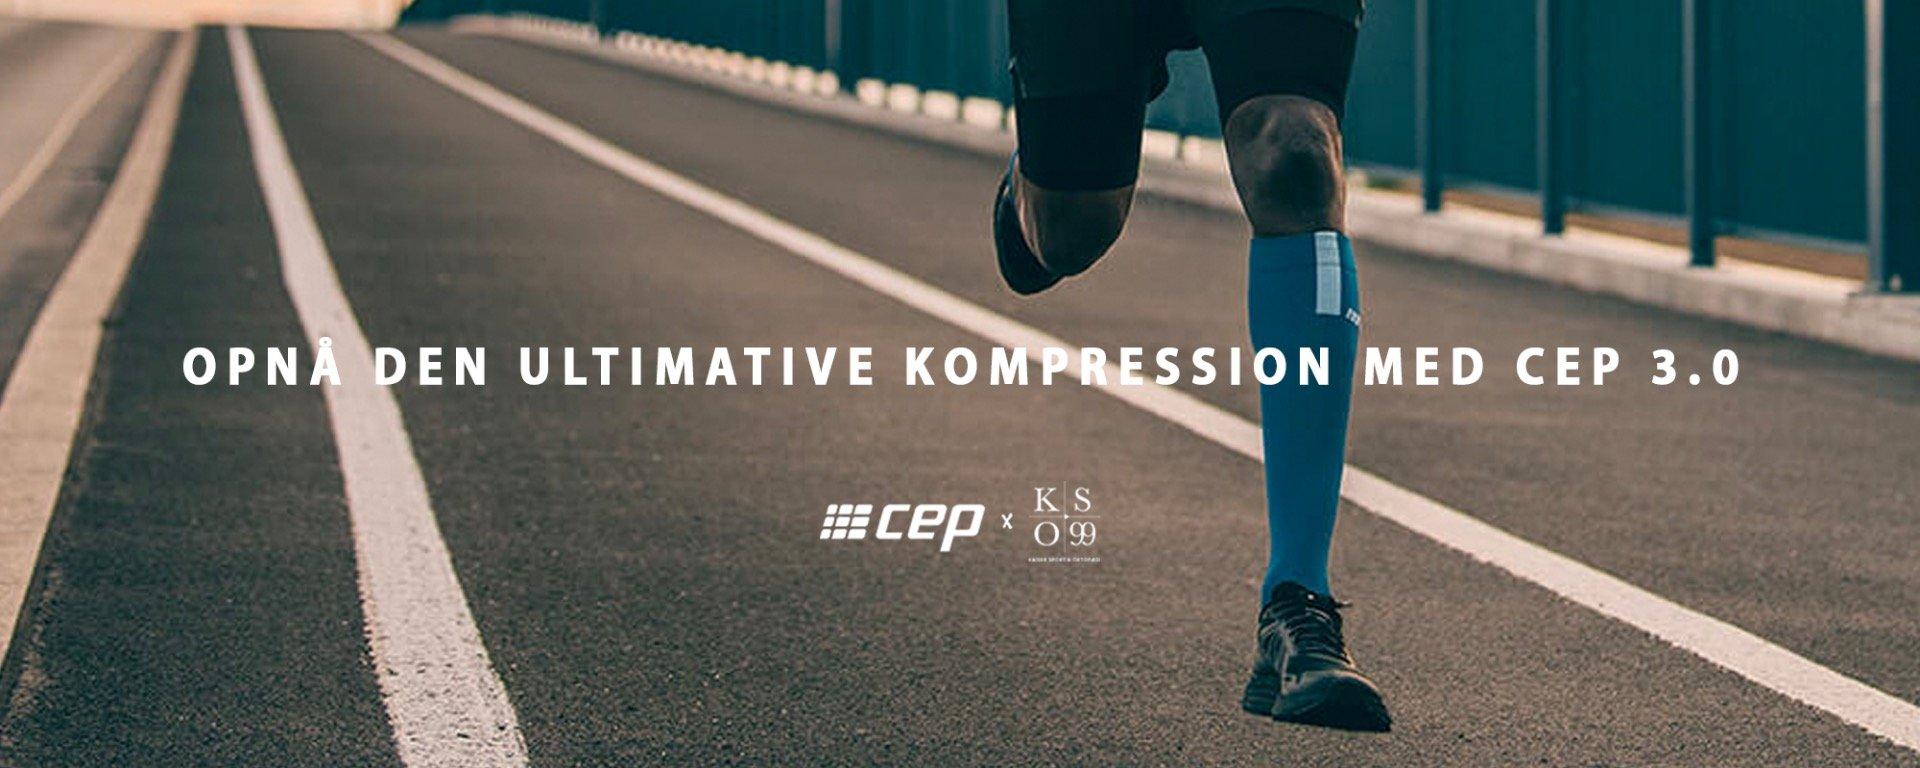 køb cep 3.0 kompressionsstrømper sokker online til dame og herre på kaisersport.dk. Fri fragt.